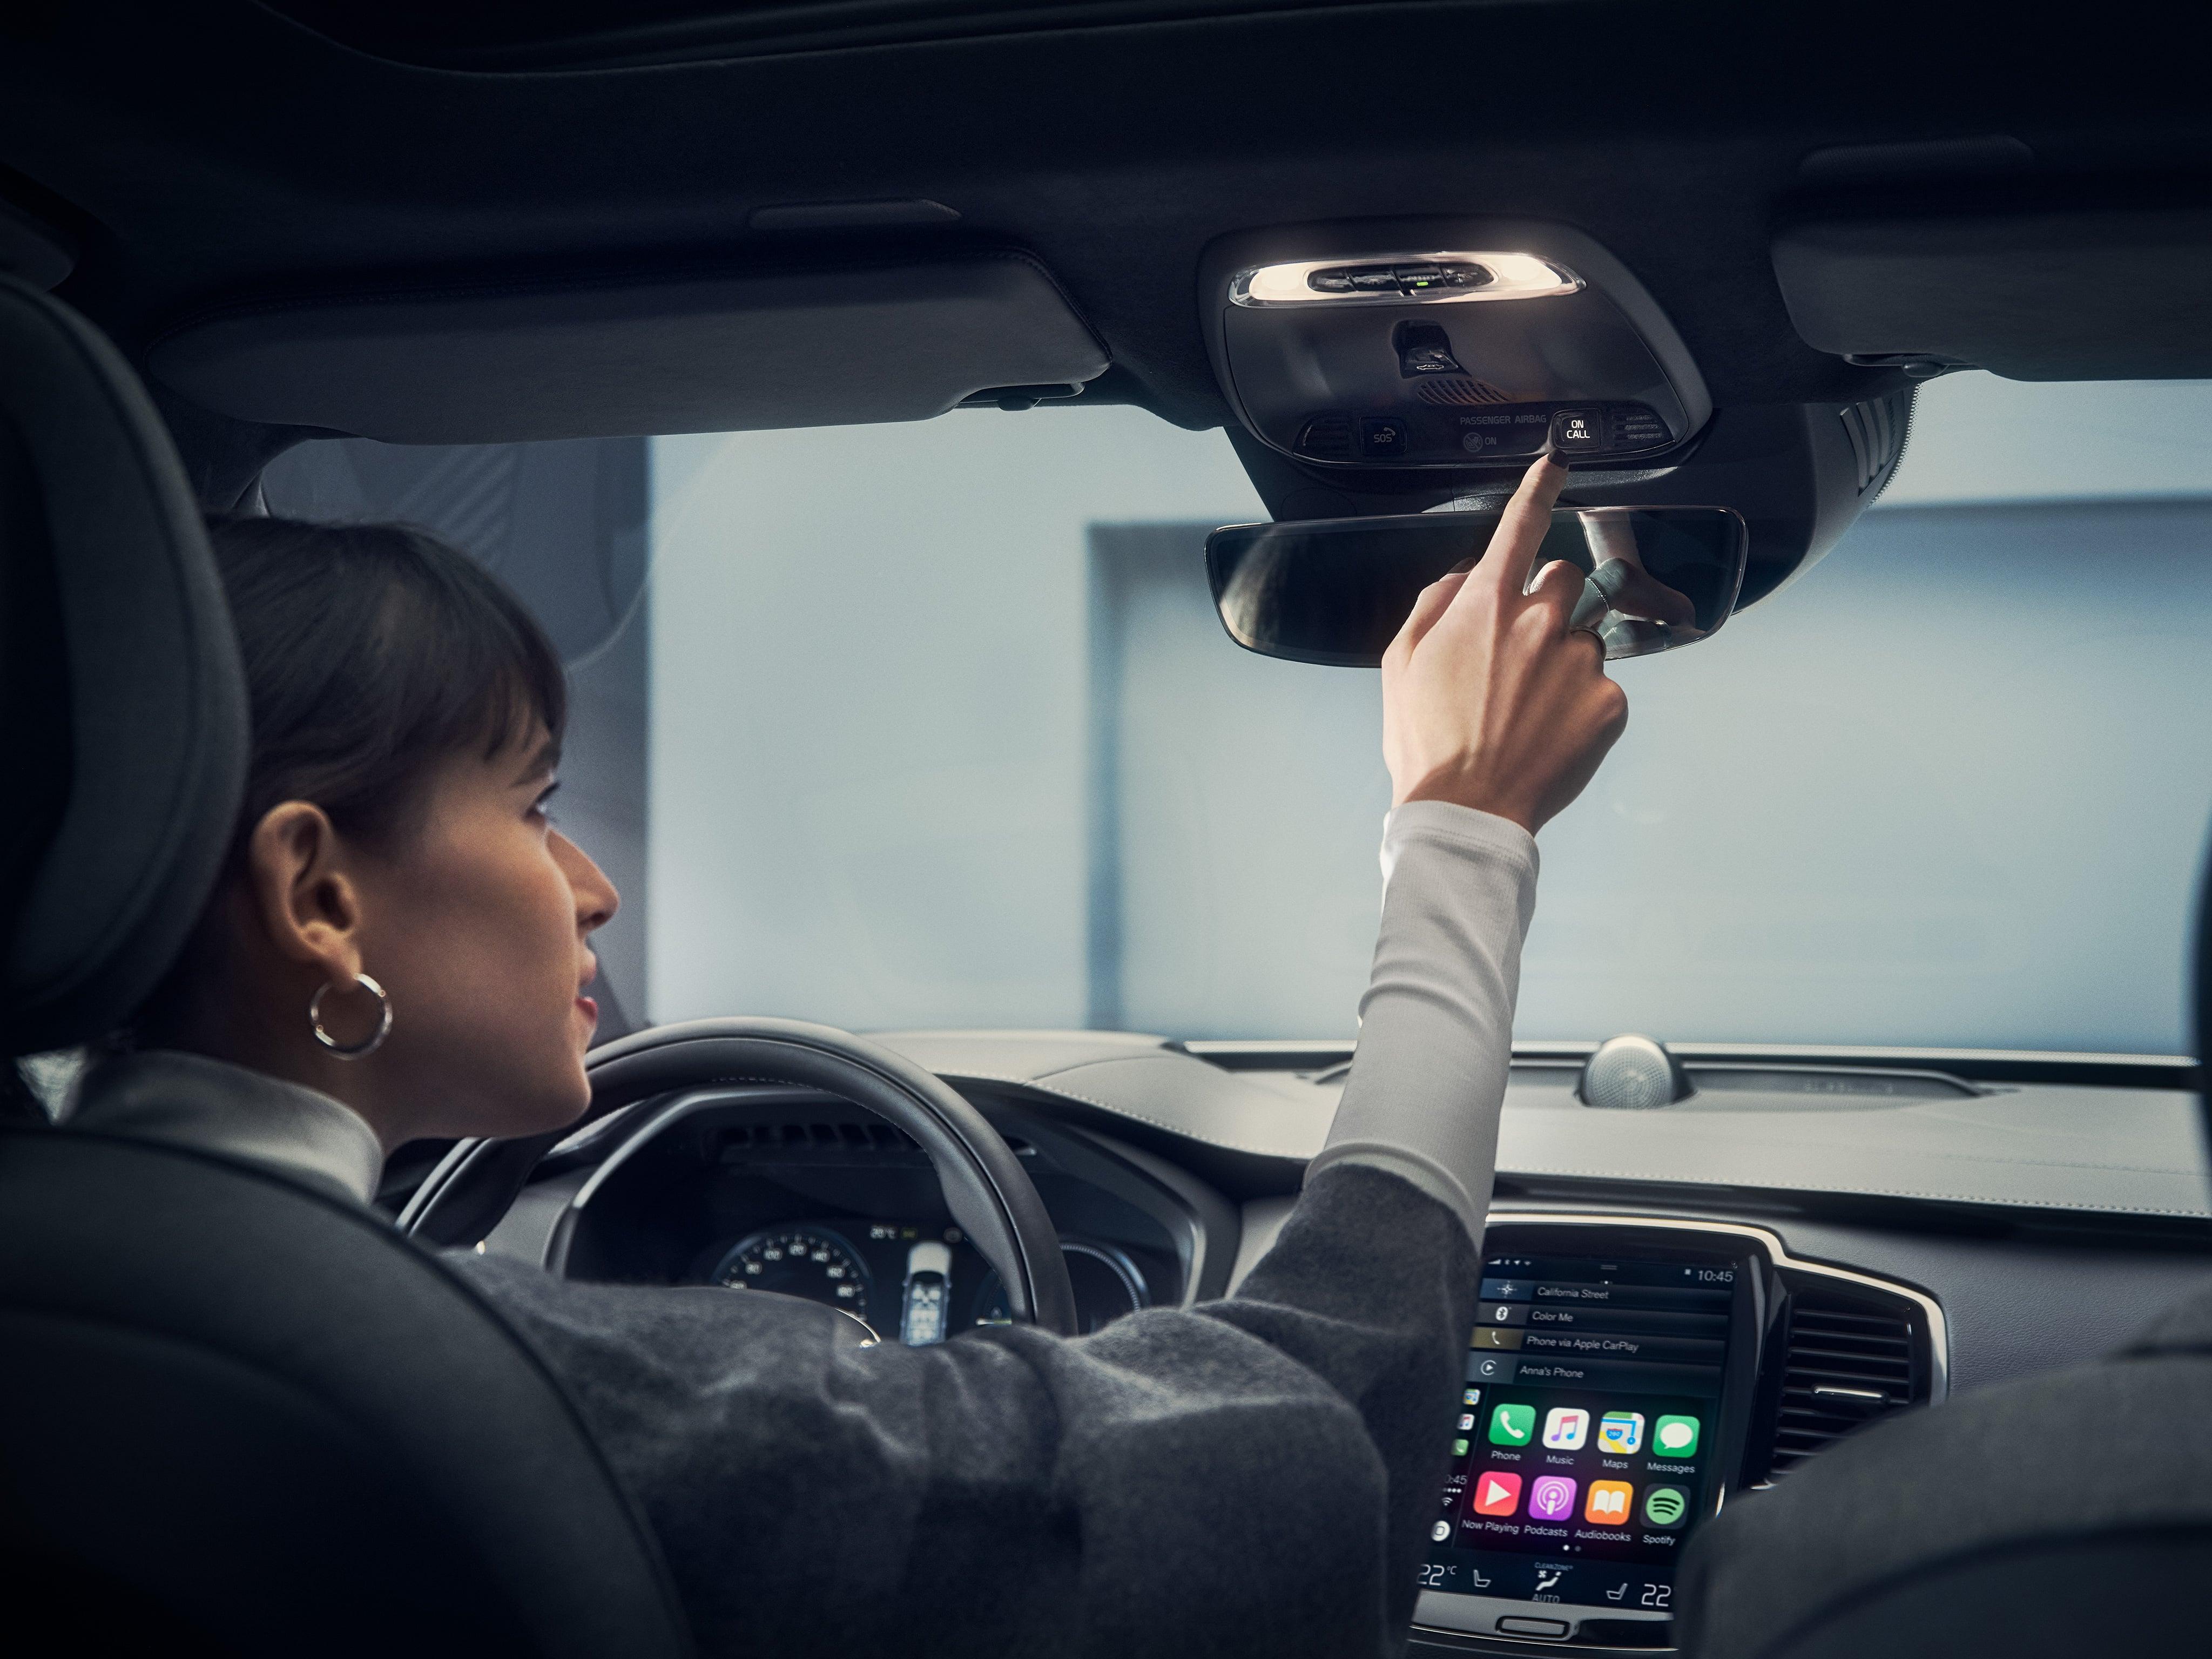 Una donna alla guida di una Volvo che preme un pulsante nel quadro di comando sopra lo specchietto retrovisore.